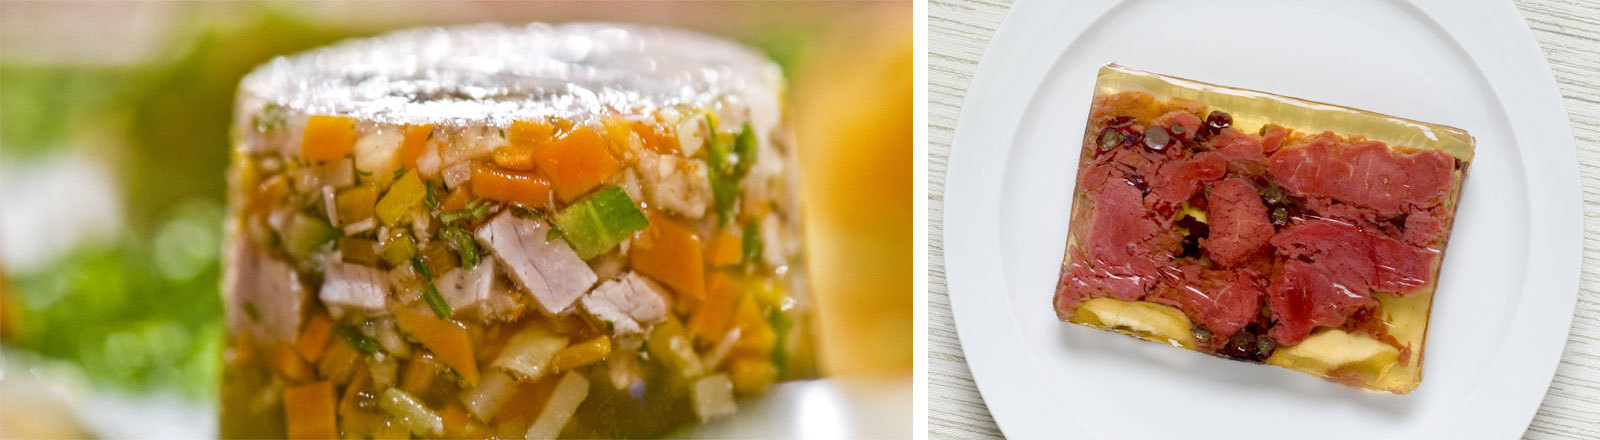 Bild-Collage: Das linke Bild zeigt runde Sülze.Im Bild rechts liegt eine Scheibe Sülze auf einem Teller.